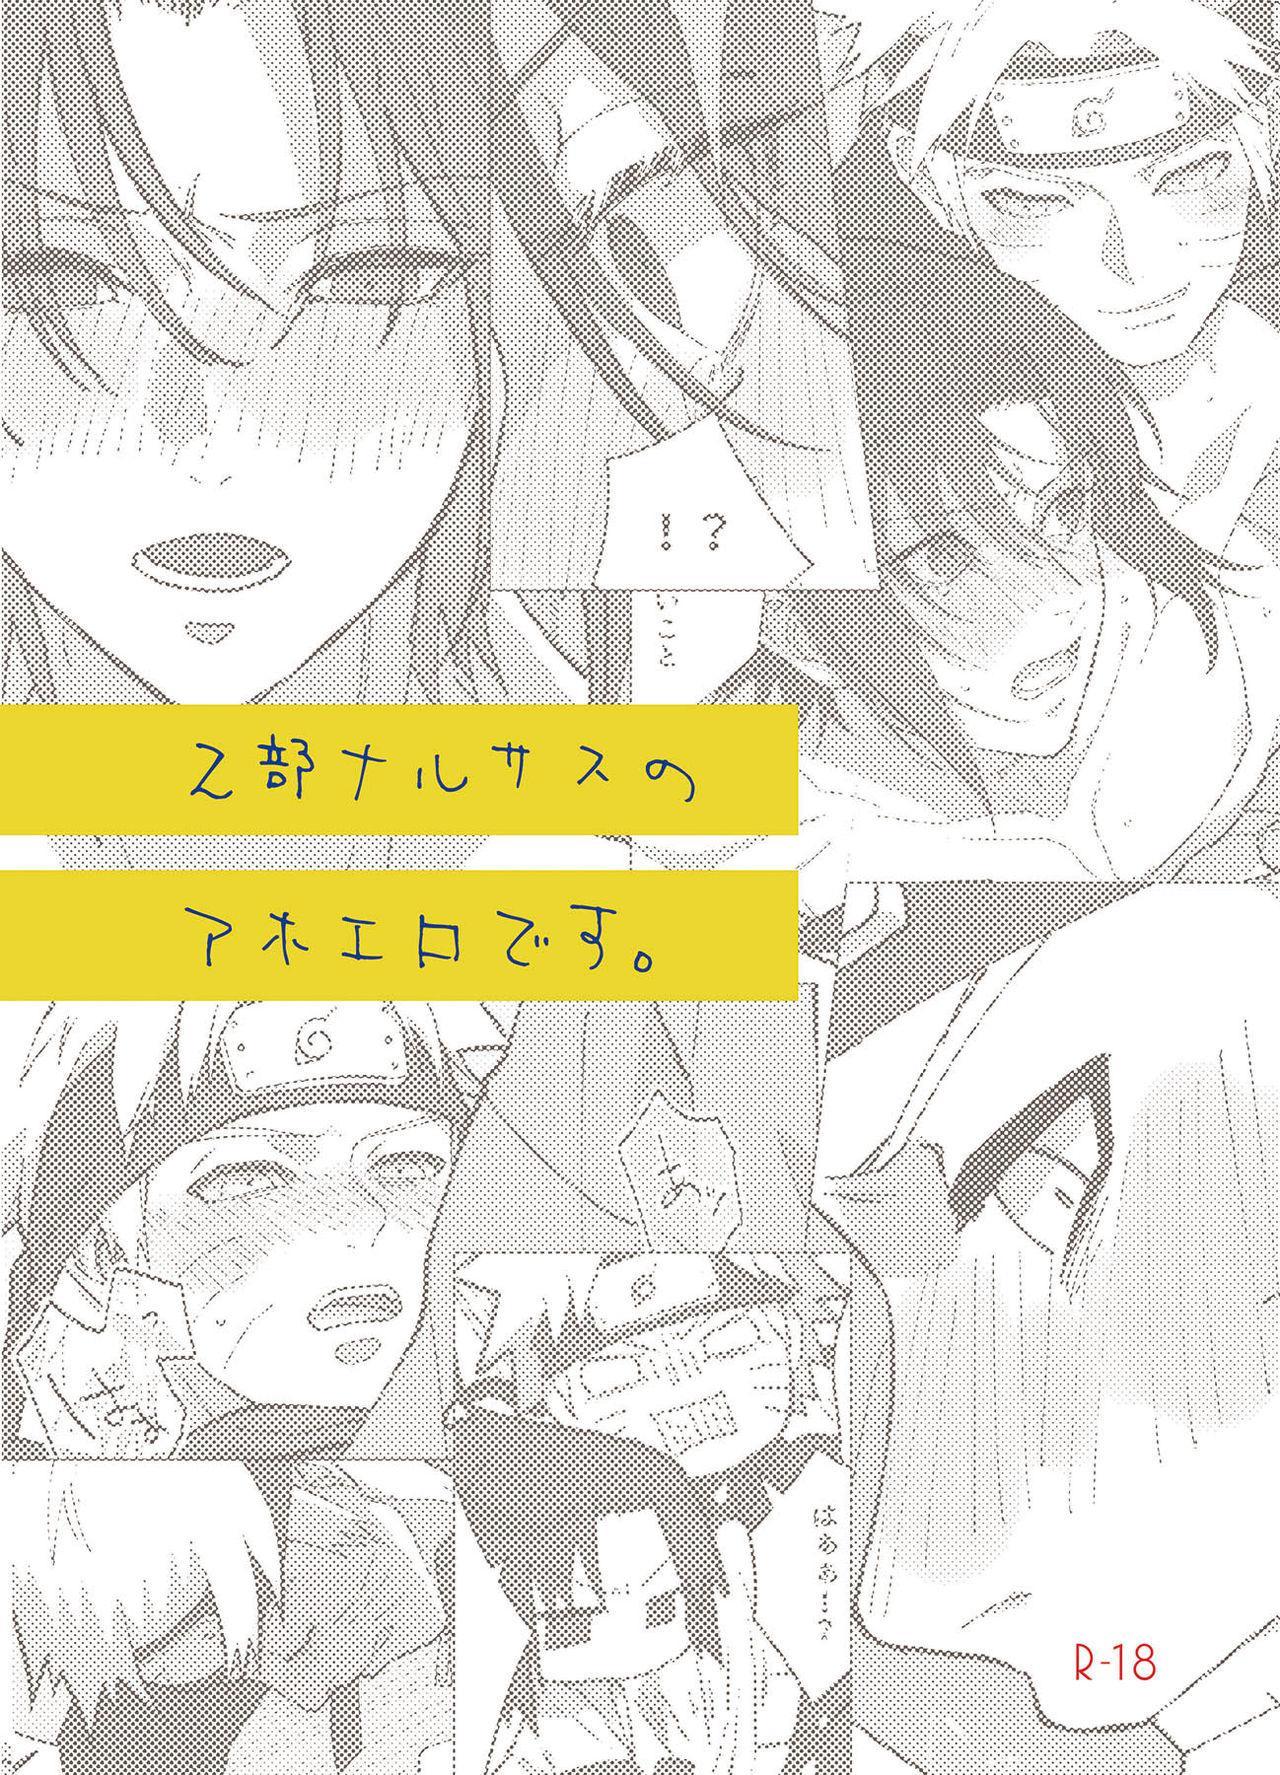 NaruSasu Only Kaisei Omedetougozaimasu! 0